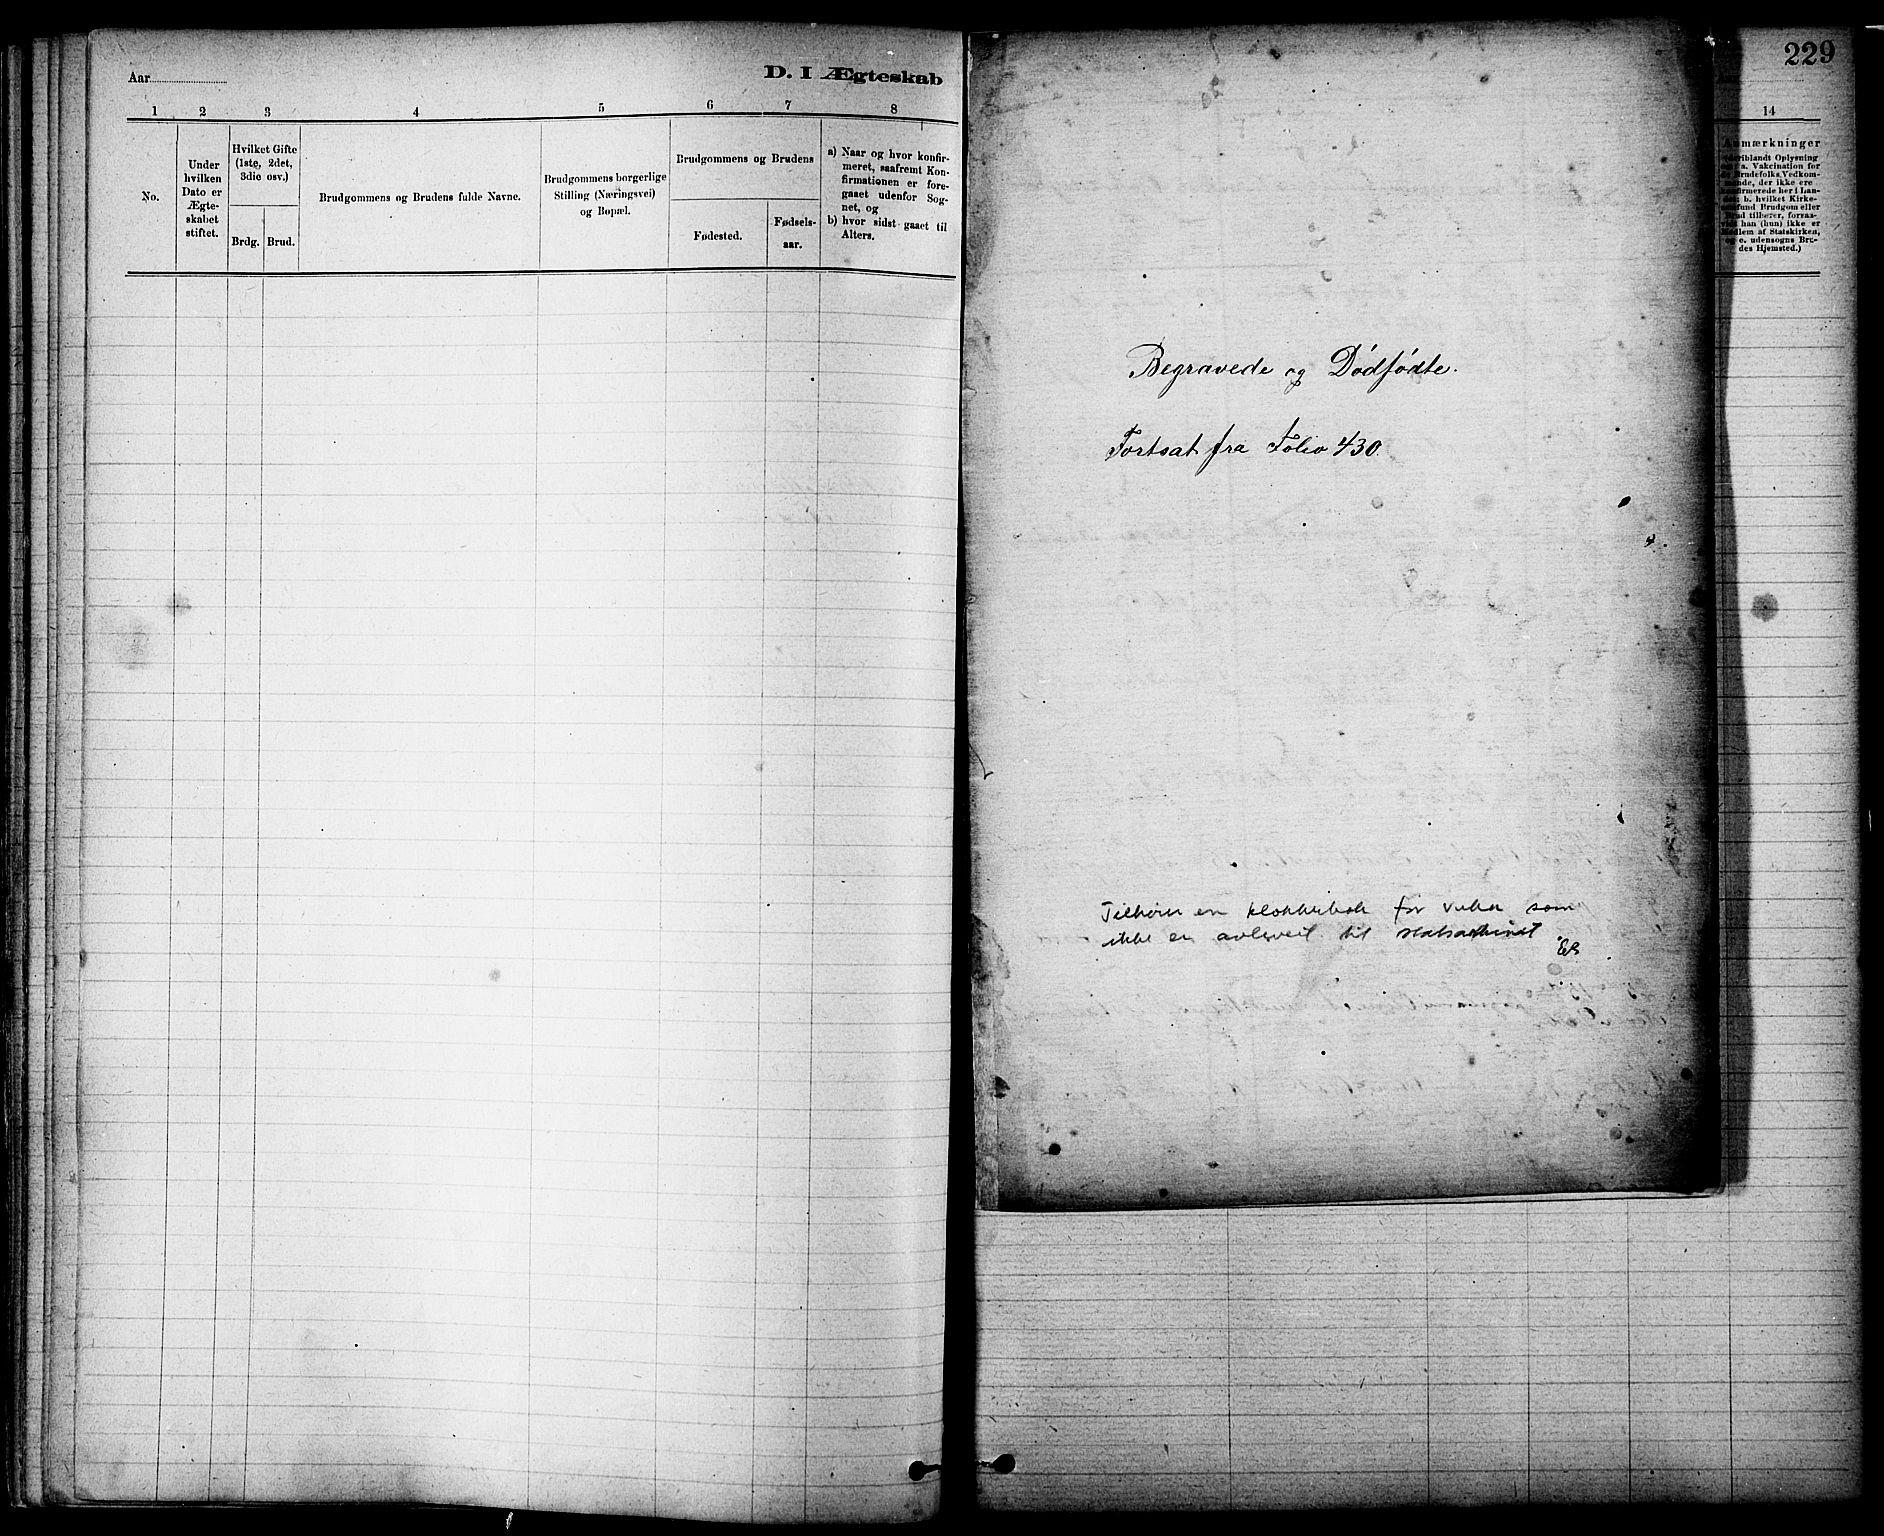 SAT, Ministerialprotokoller, klokkerbøker og fødselsregistre - Nord-Trøndelag, 724/L0267: Klokkerbok nr. 724C03, 1879-1898